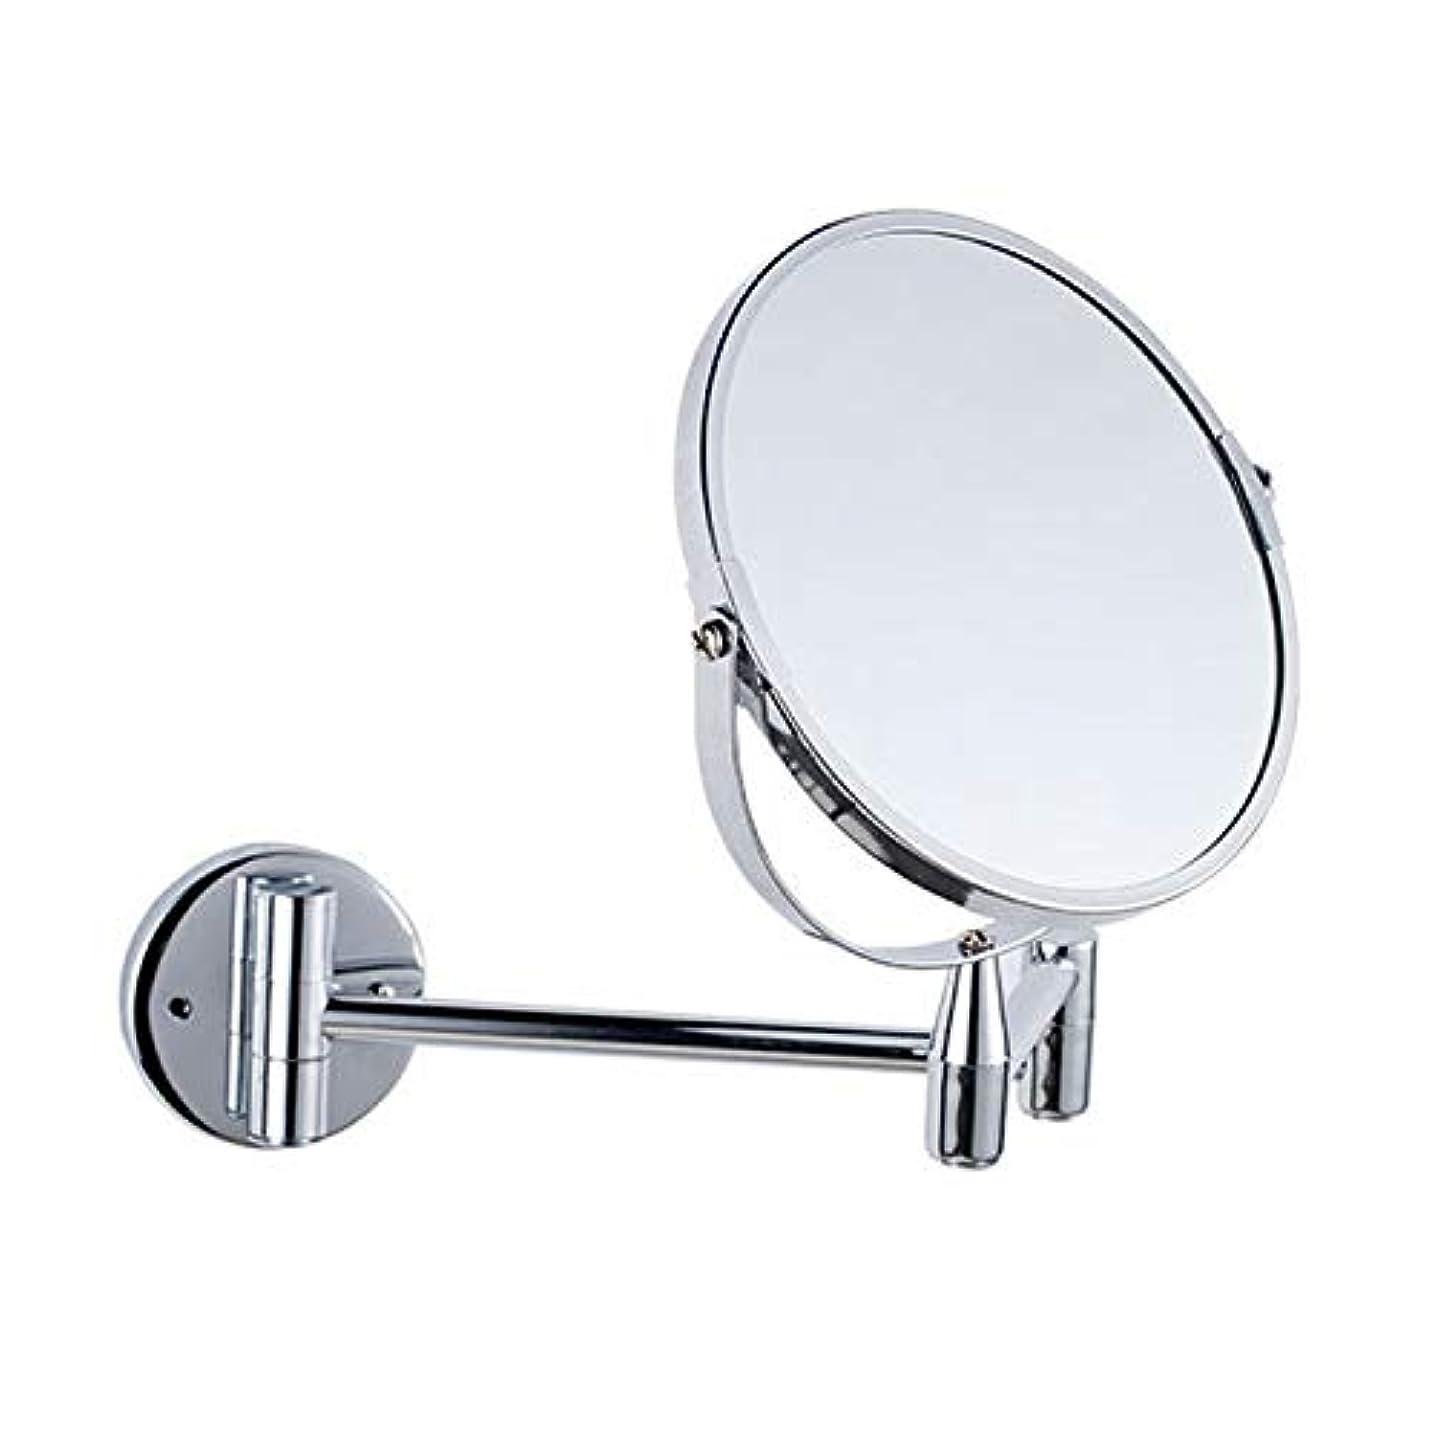 物理的な効率的に意図的ウォールミラーホームホテルメタル折りたたみ化粧鏡ファッション両面浴室チューブウォールミラー,鏡 折りたたみ